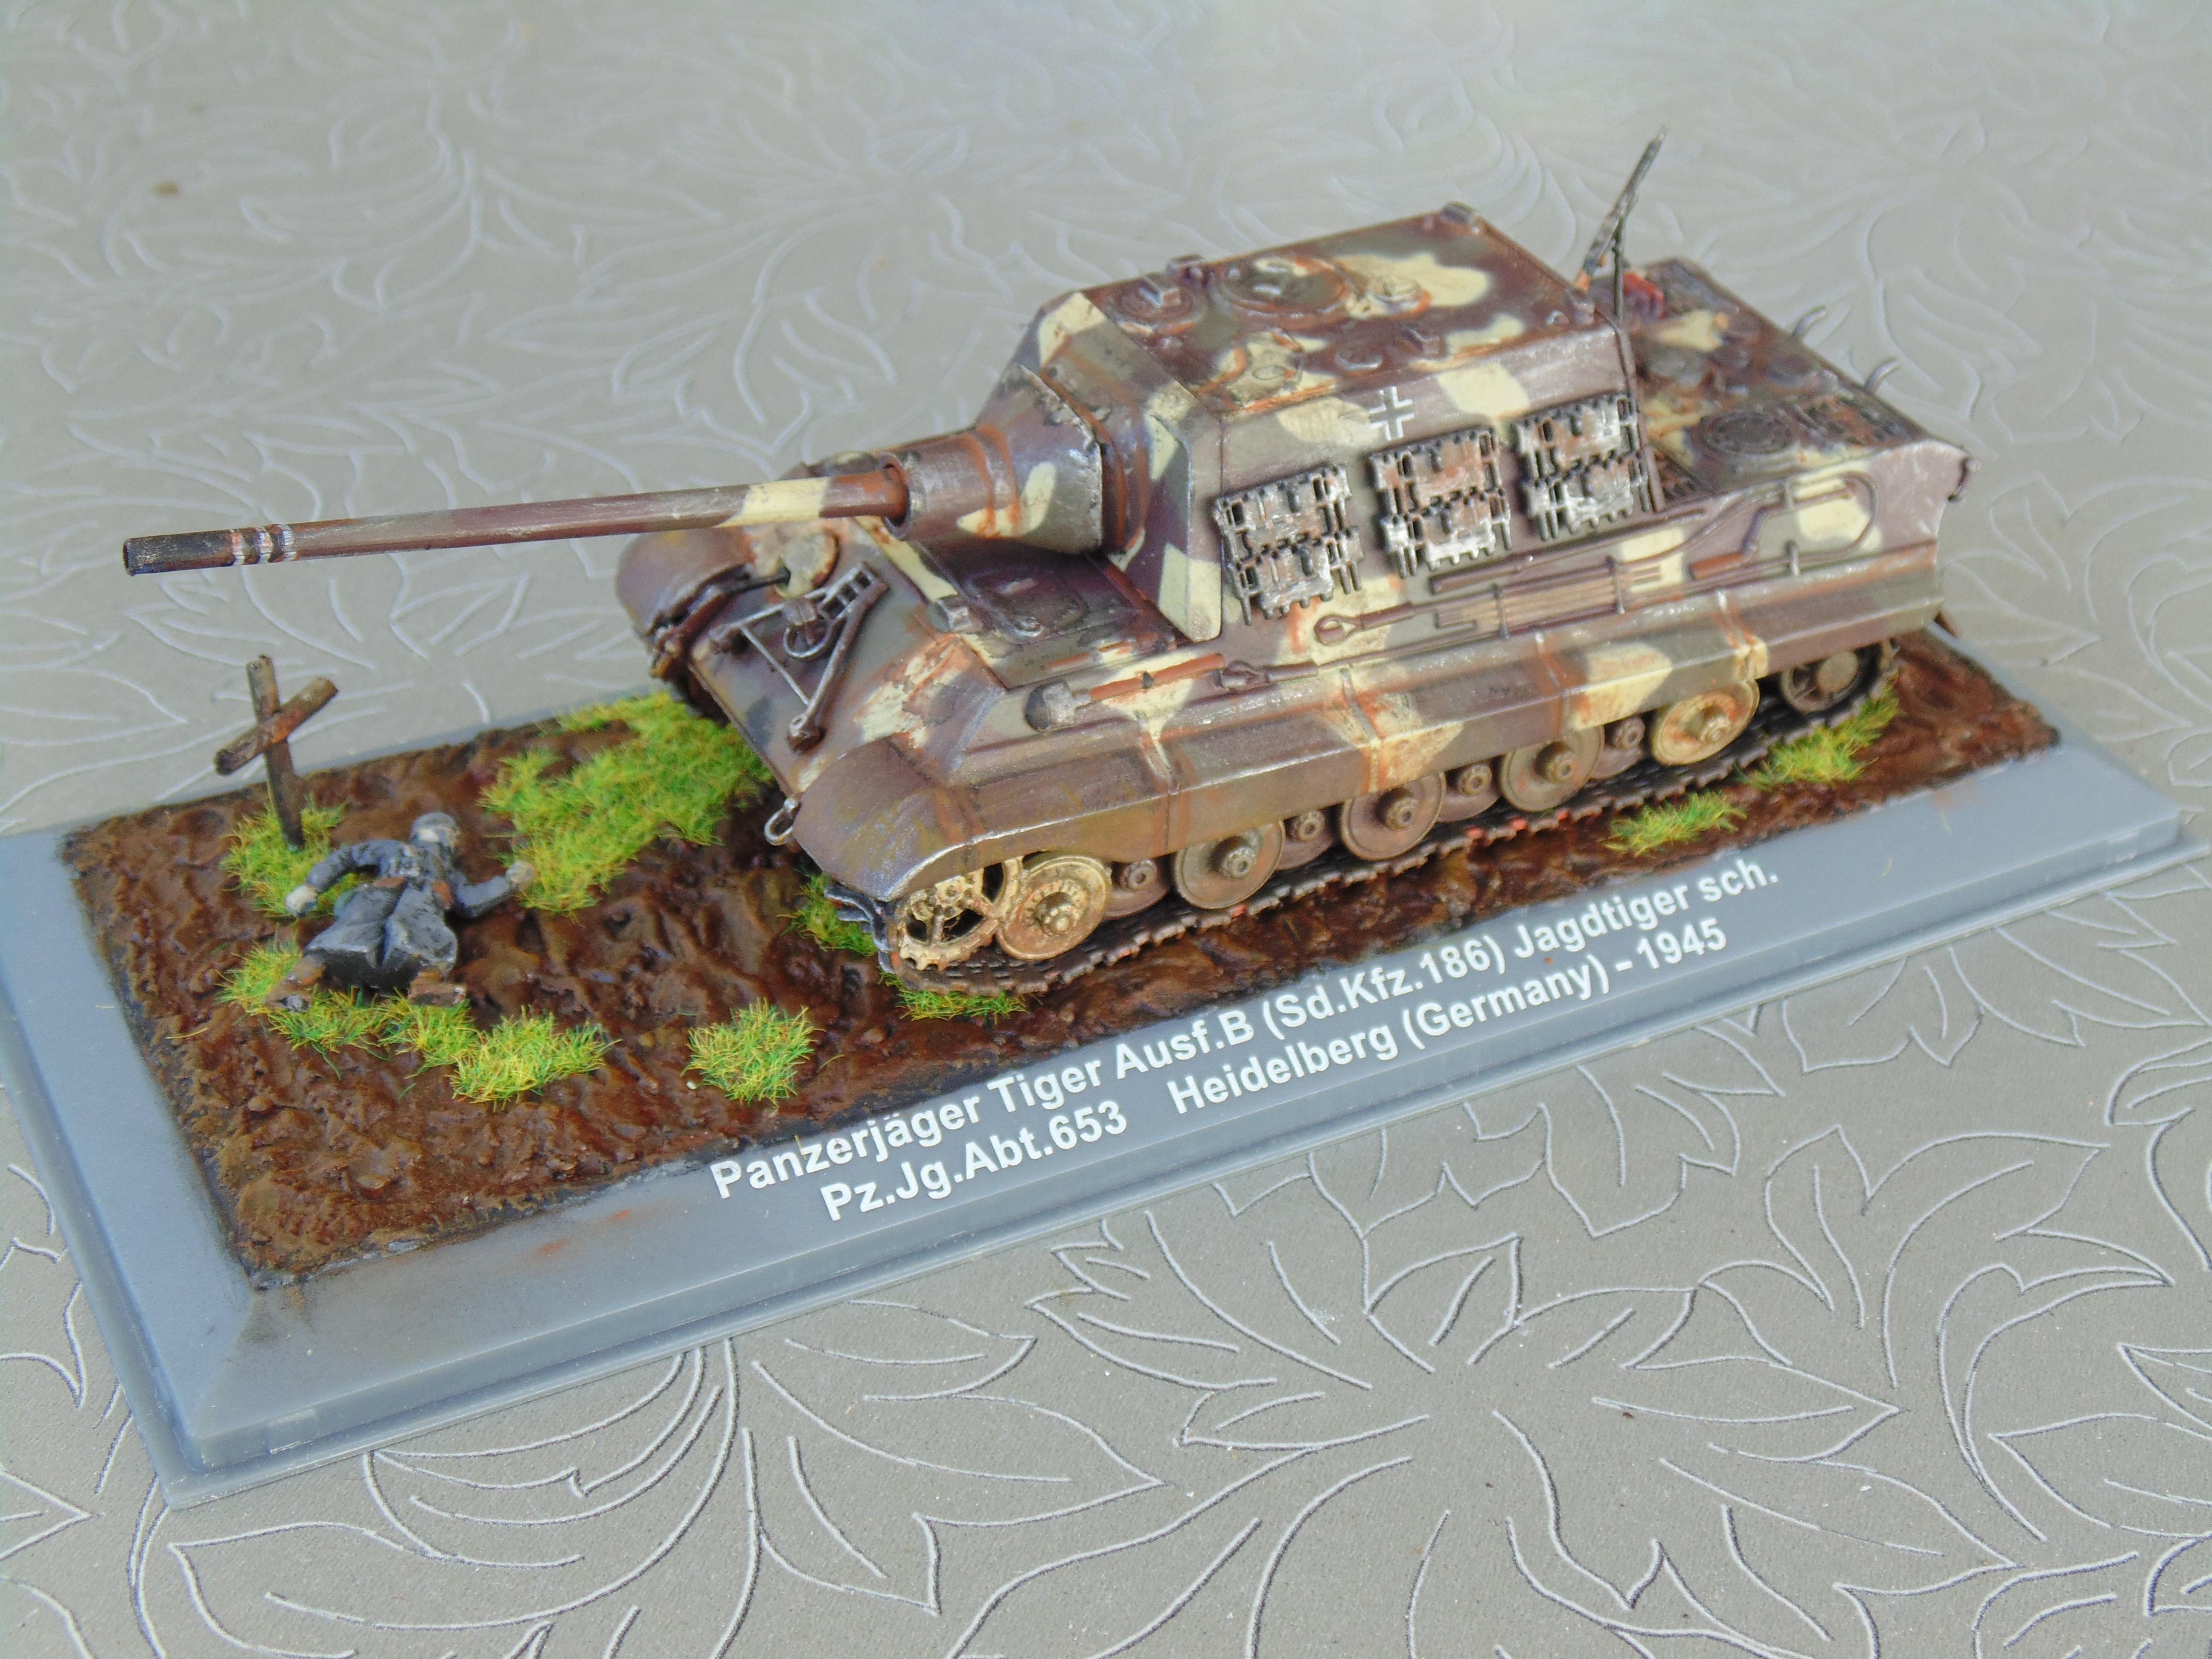 Germans, Hetzer, Machine, Mechanic, Modern, Old, Panther, Panzer, Russians, Sherman, Supert, Tank, Tiger, War, World, World War 2